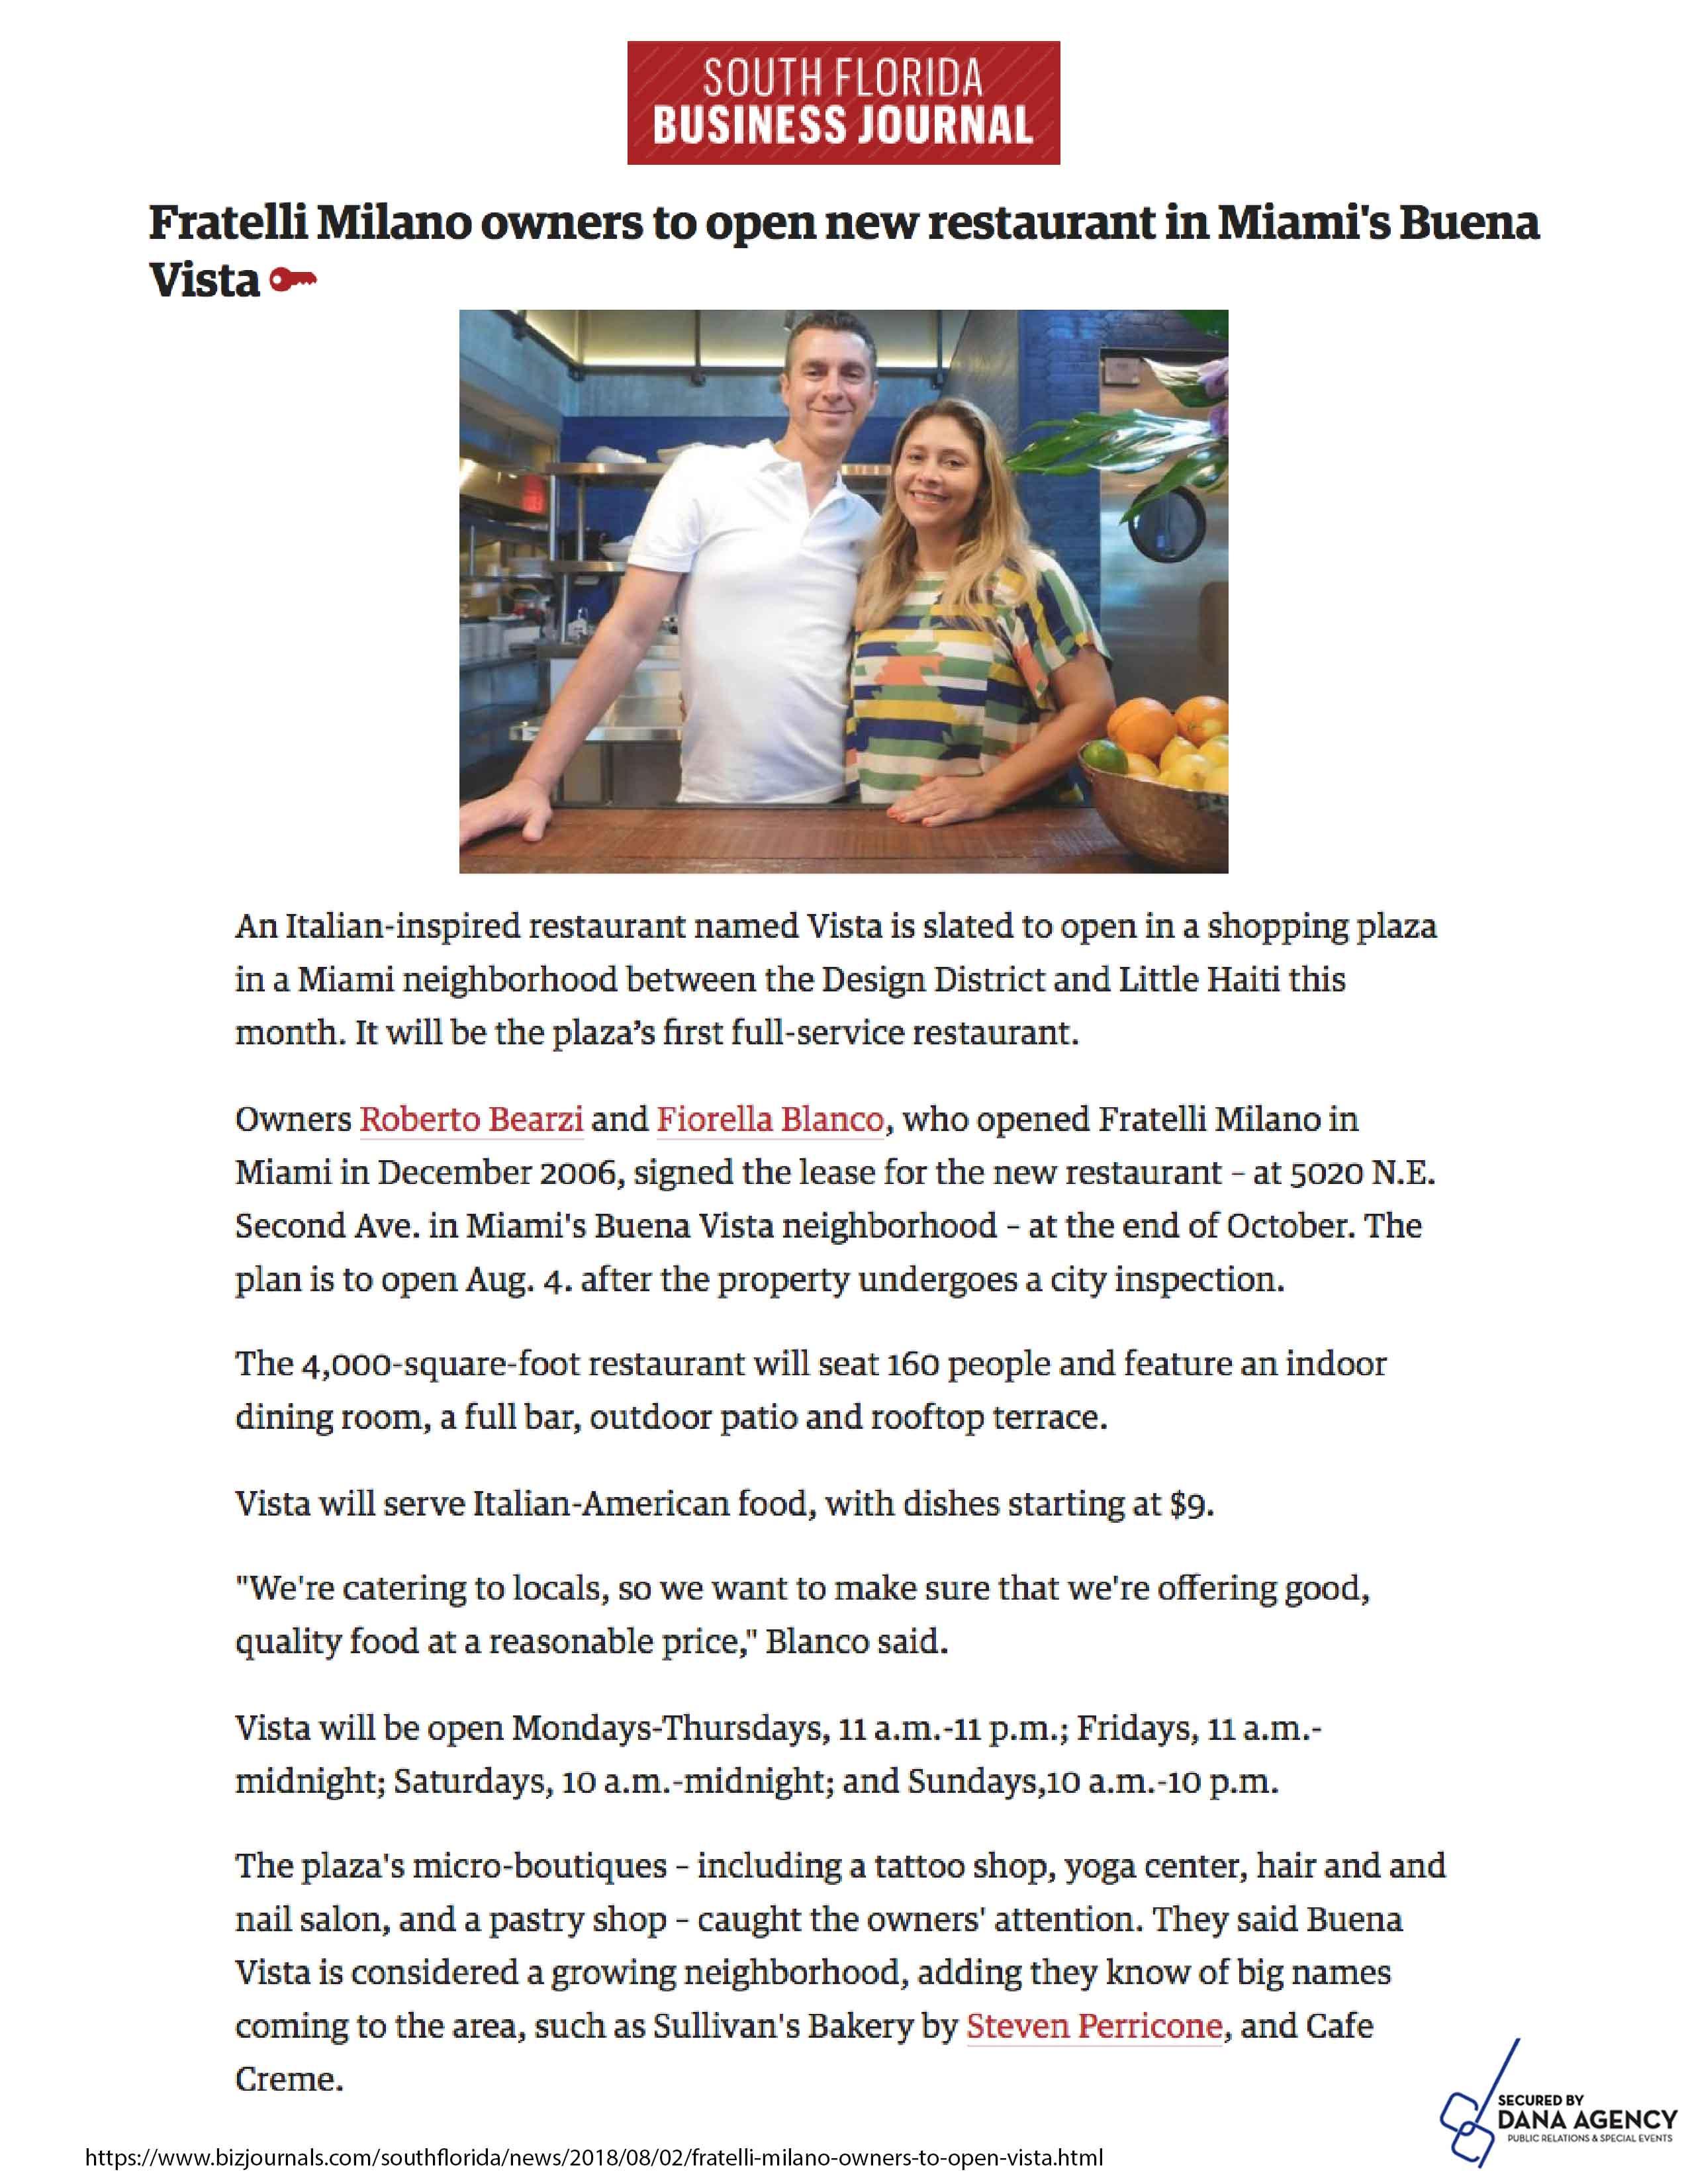 SouthFloridaBusinessJournal_8.2.18_Online